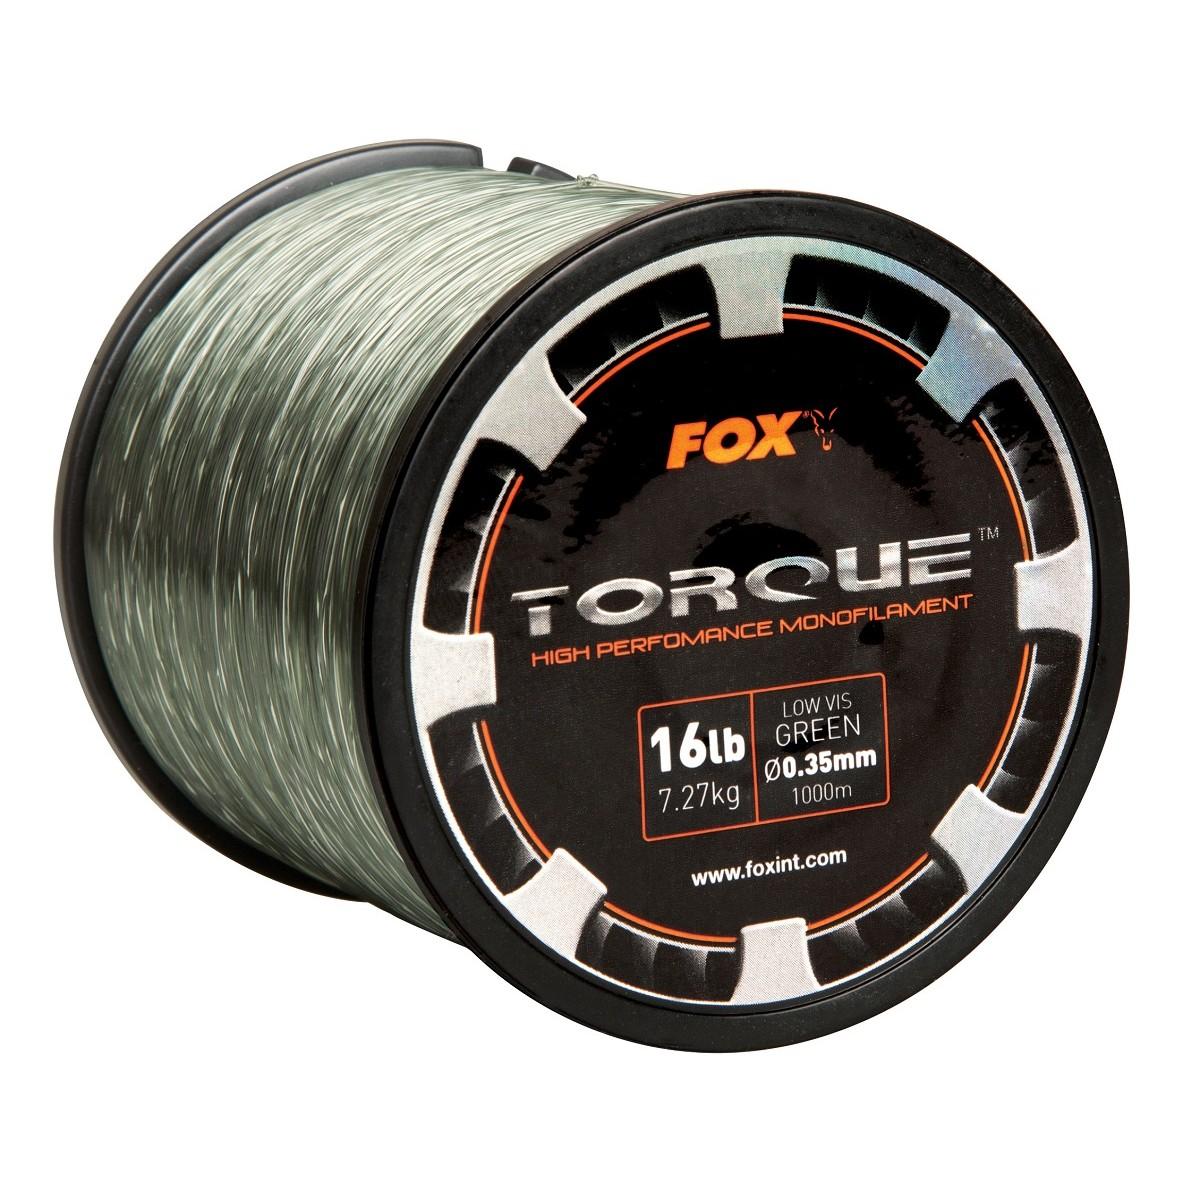 Риболовно влакно Fox Torque 1000m